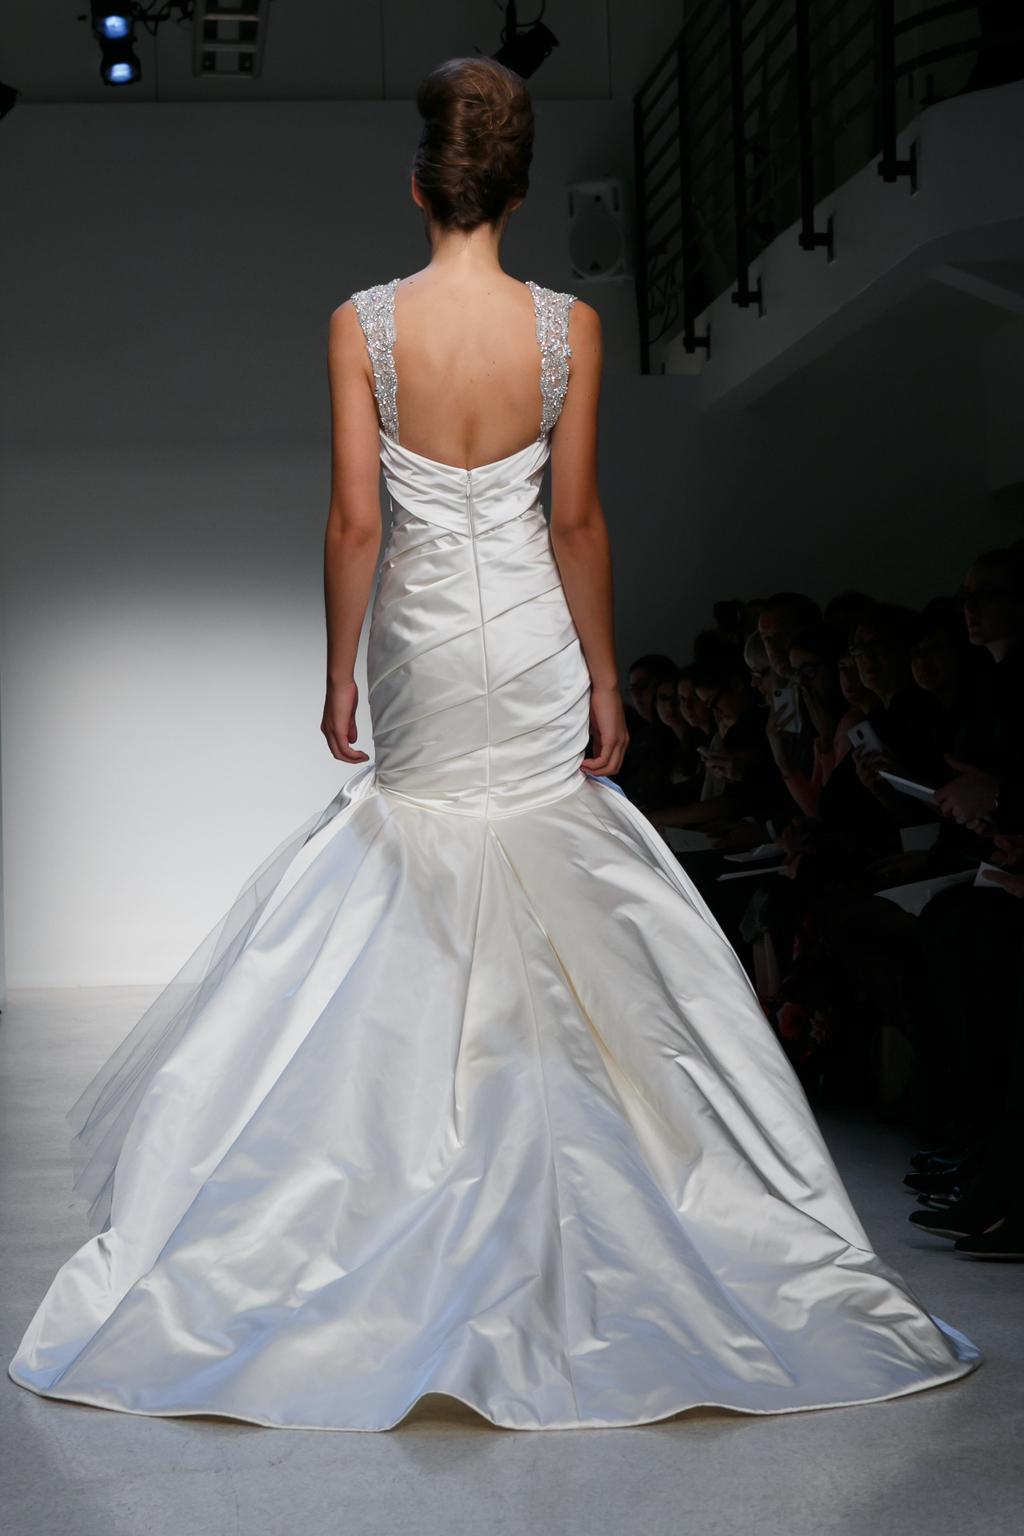 Fall-2013-wedding-dress-kenneth-pool-by-amsale-bridal-gowns-2c.full